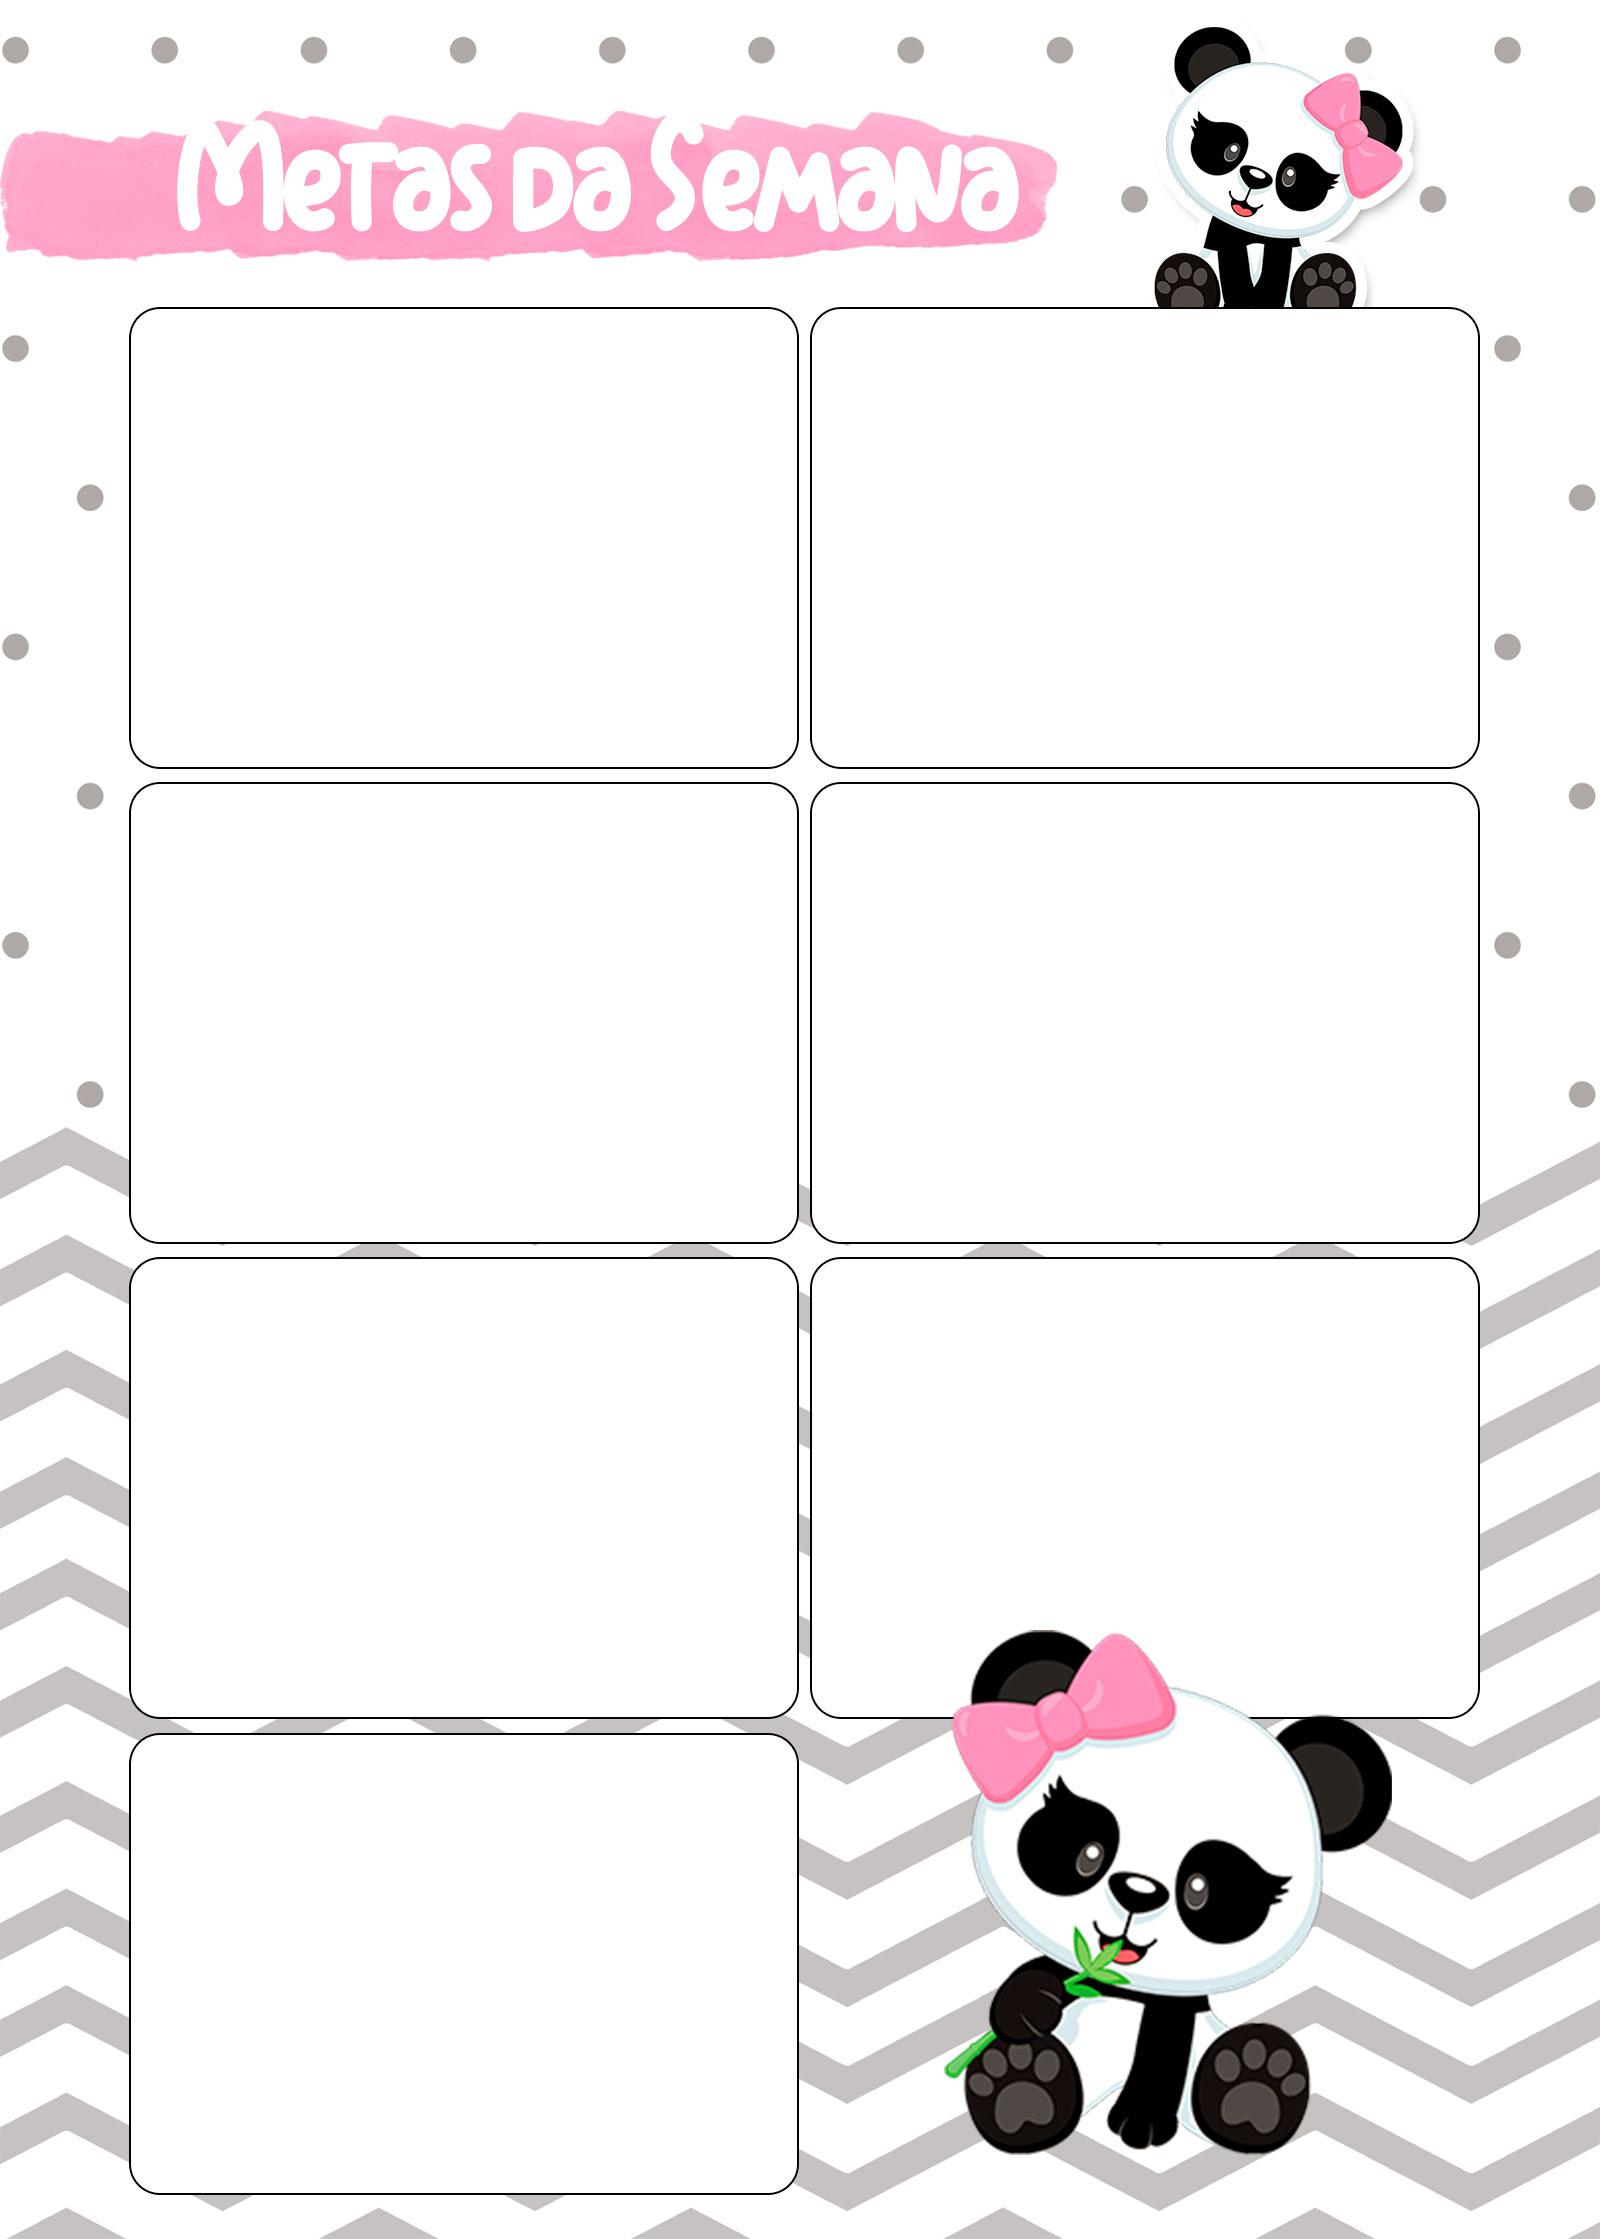 Planner Panda Rosa 2019 metas da semana